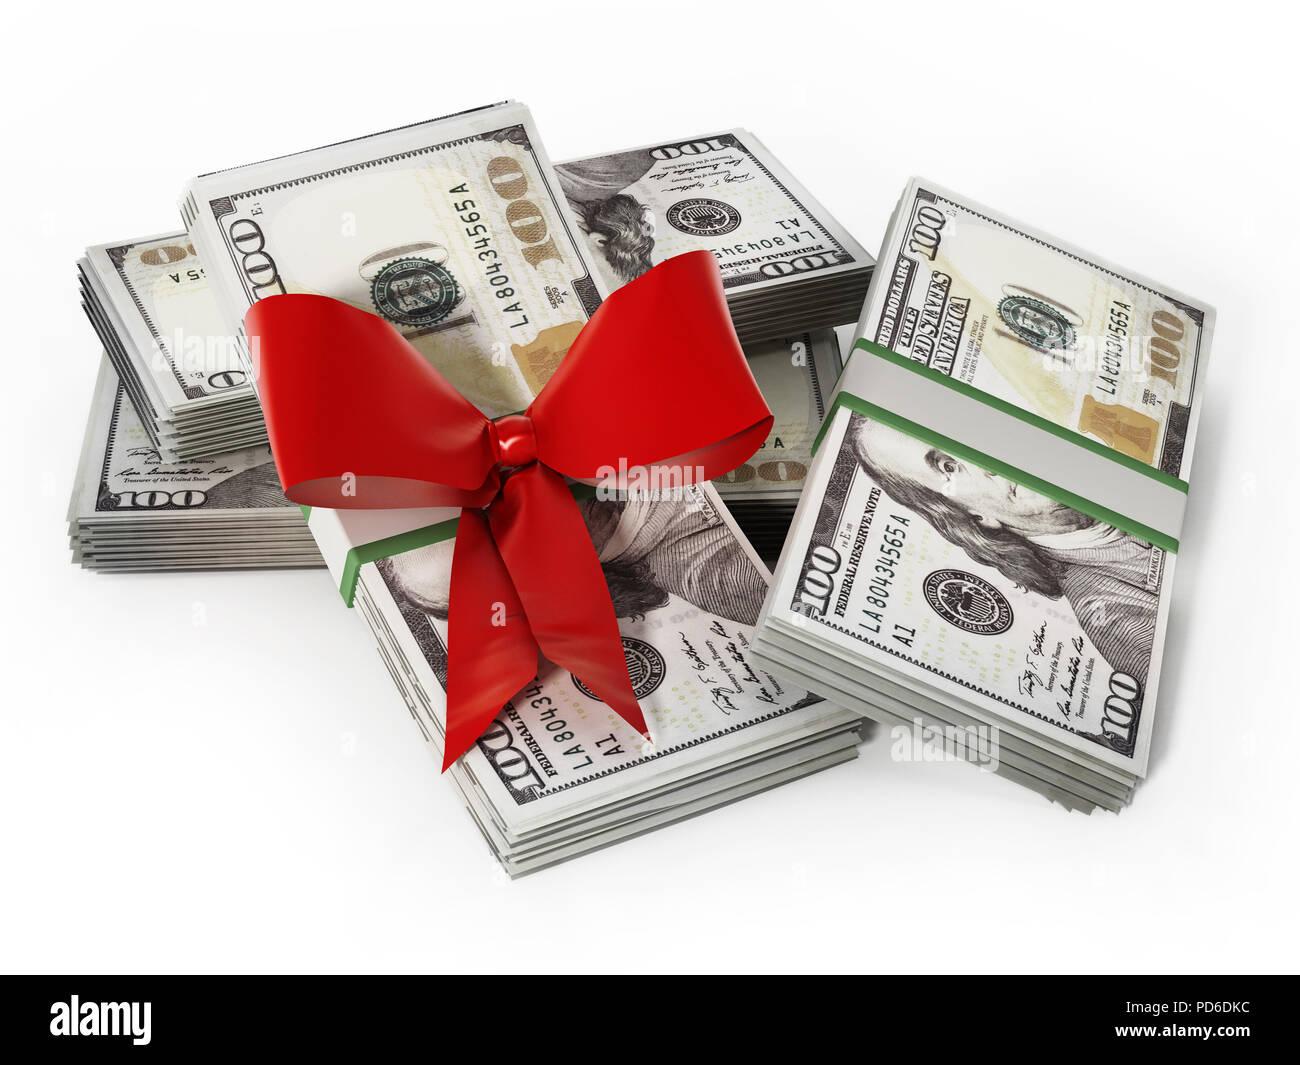 100 dollar dinero facturas con cinta roja. Concepto de negocio y el éxito. Ilustración 3D. Imagen De Stock